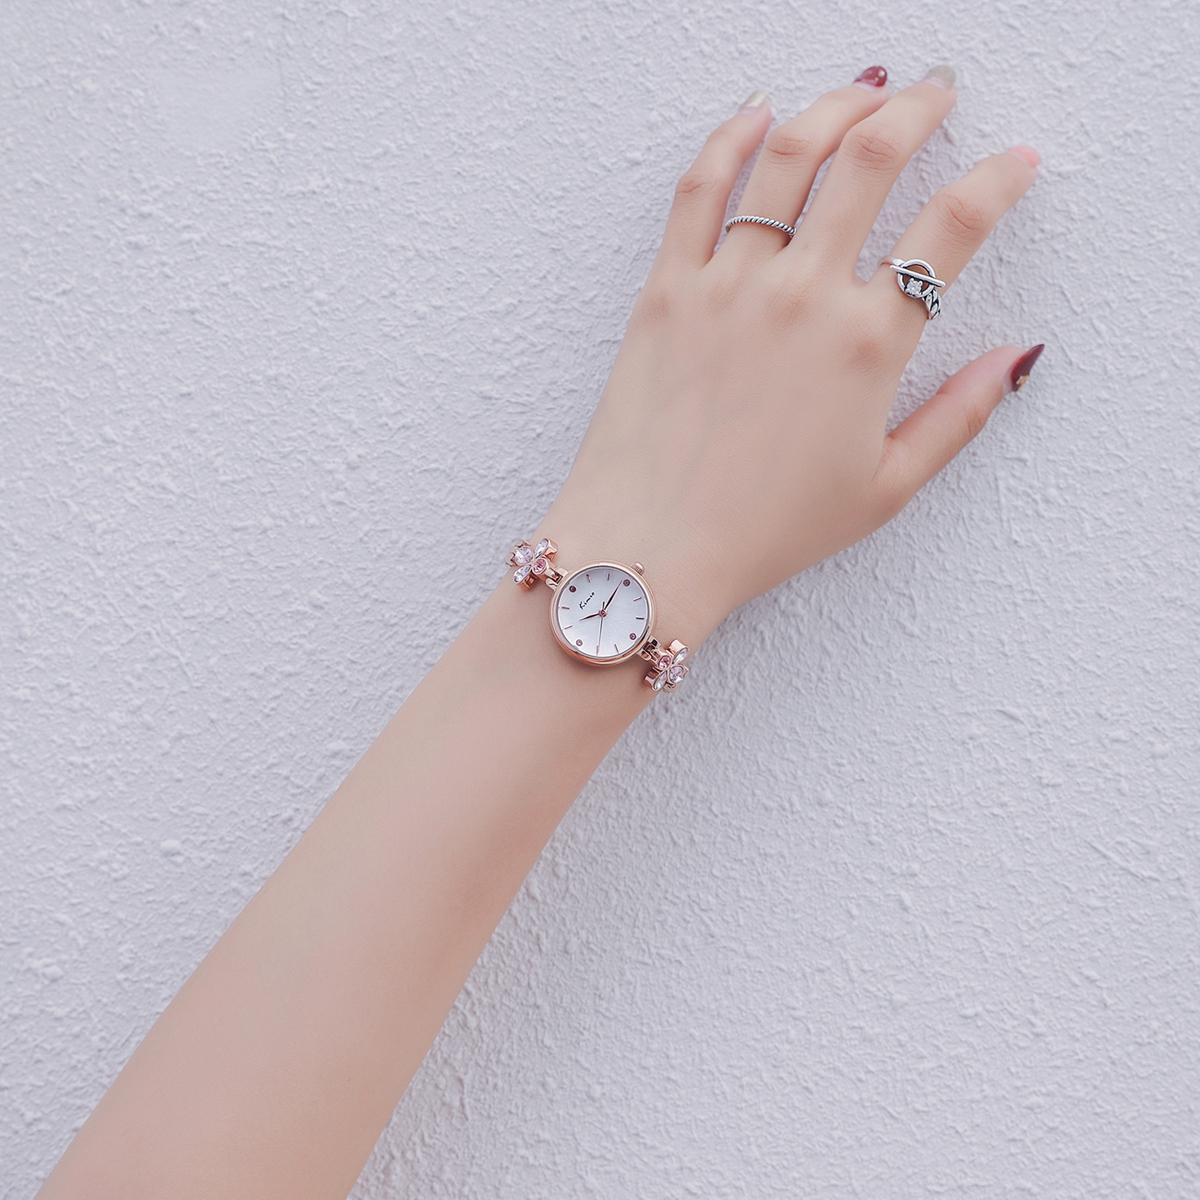 Kimio手表女钻表镶钻女表带钻学生水钻水晶时尚防水石榴石手链表